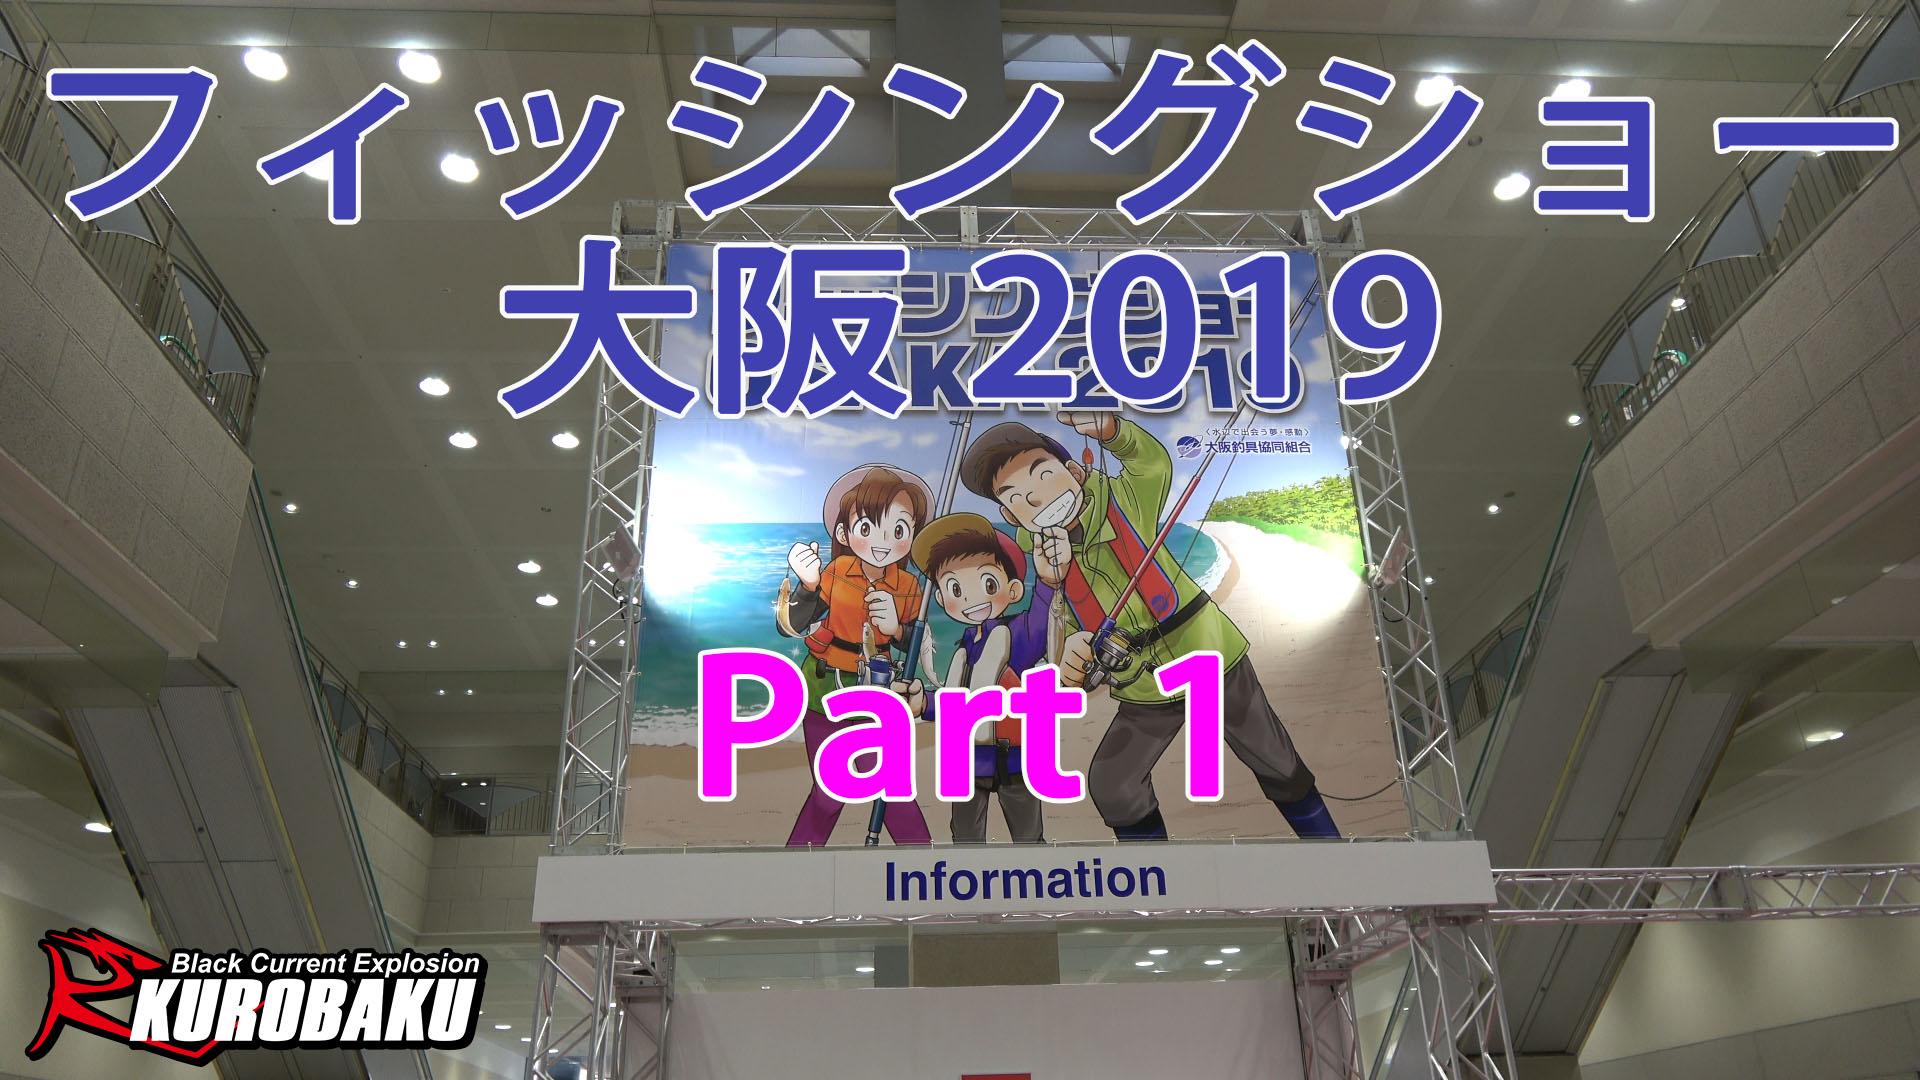 フィッシングショー大阪2019 SHIMANO ワンナック販売他新商品取材させて頂きました!Part1のサムネイル